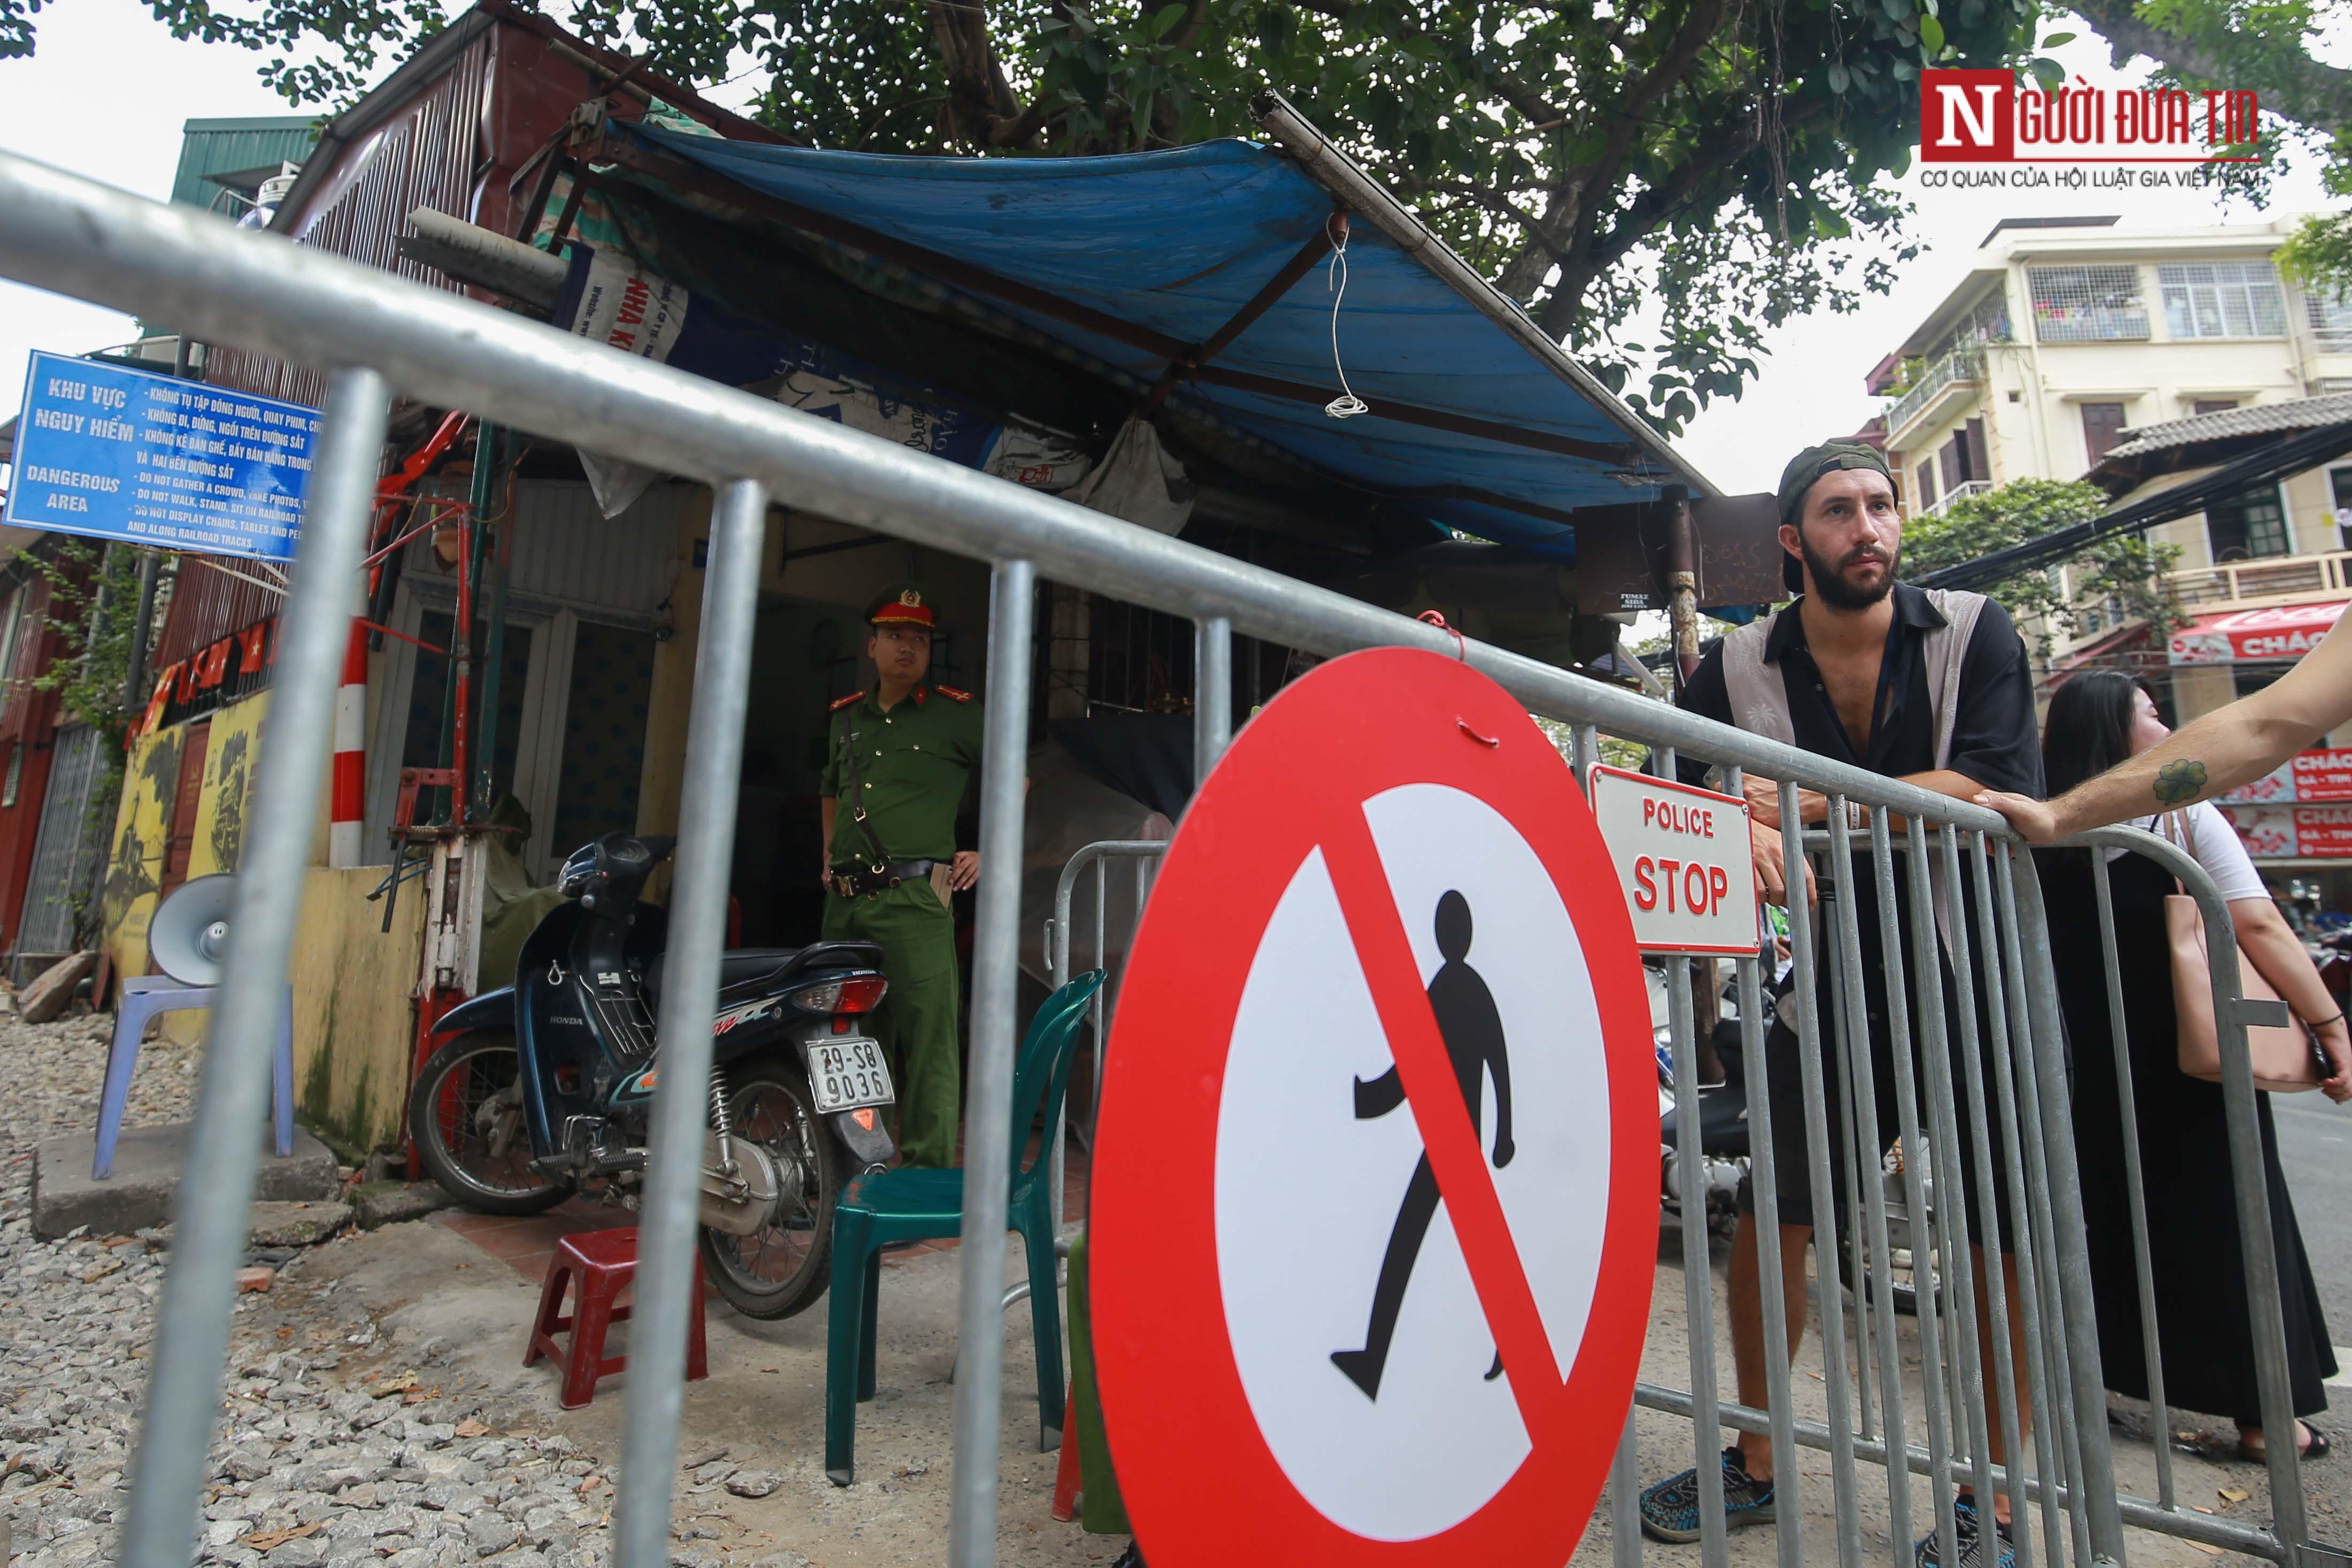 Chùm ảnh: Phố đường tàu ảm đạm sau một ngày tiến hành lệnh cấm 14